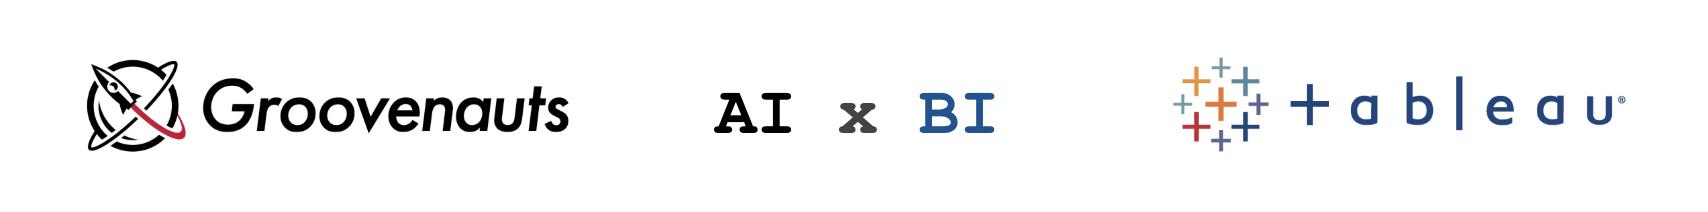 AIxBIセミナー